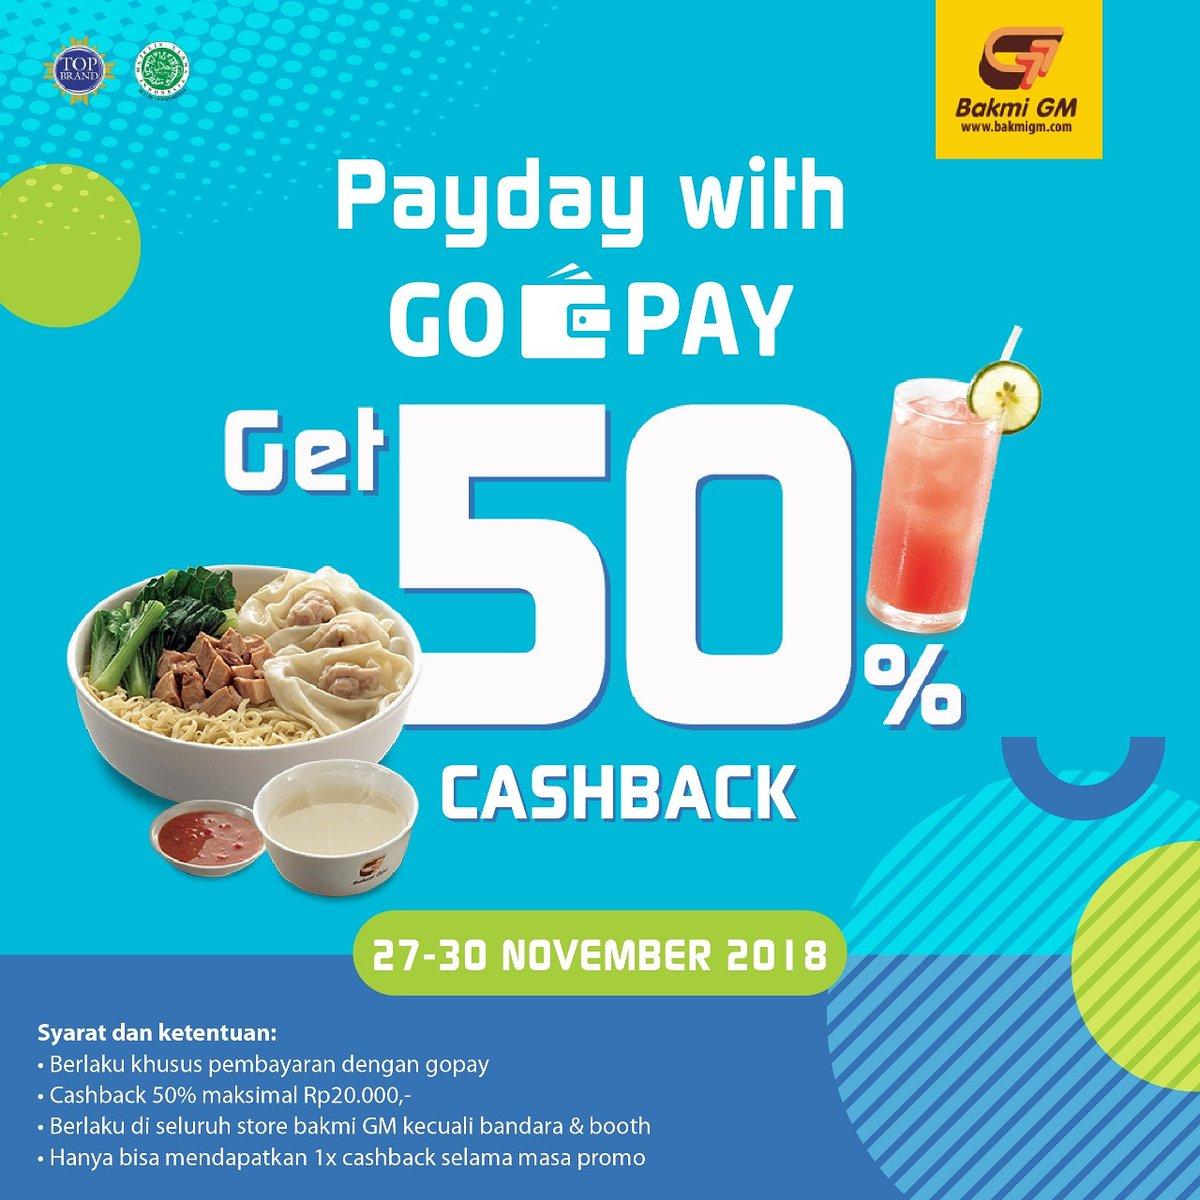 BakmiGM - Promo Casback 50% Pakai GOPAY PAYDAY (s.d 30 Nov 2018)